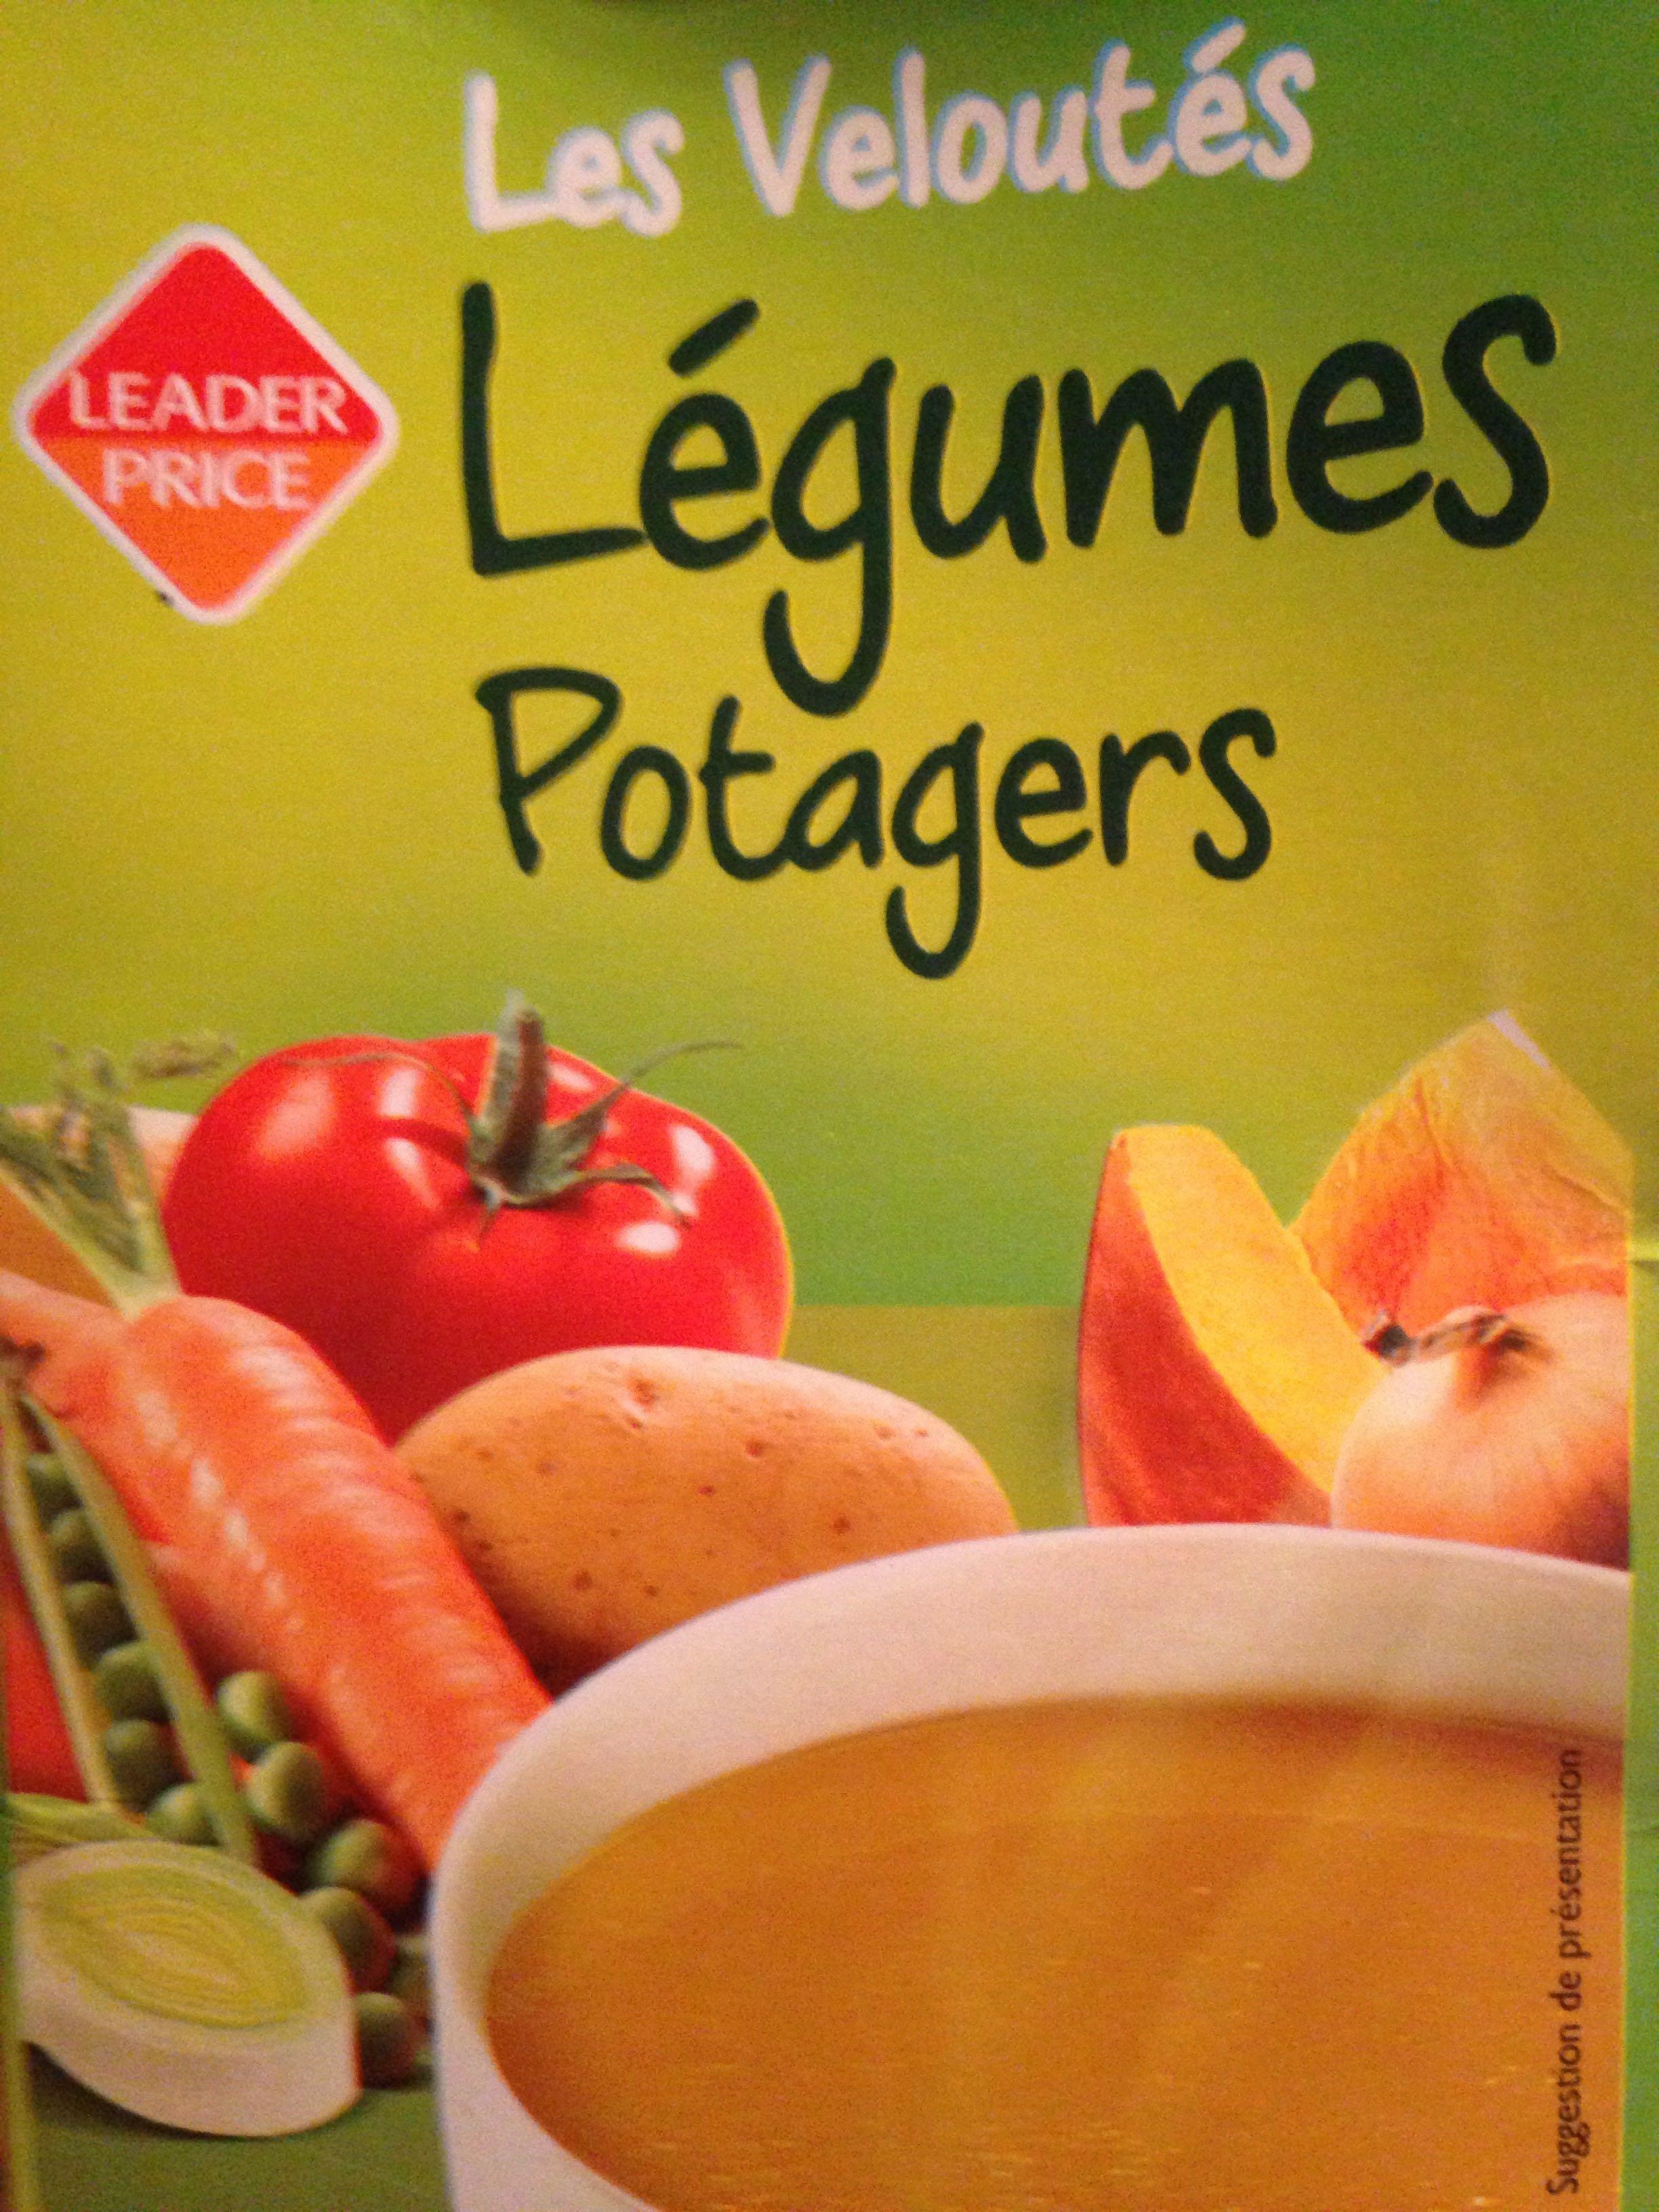 Soupe les veloutes légumes potagers - Produit